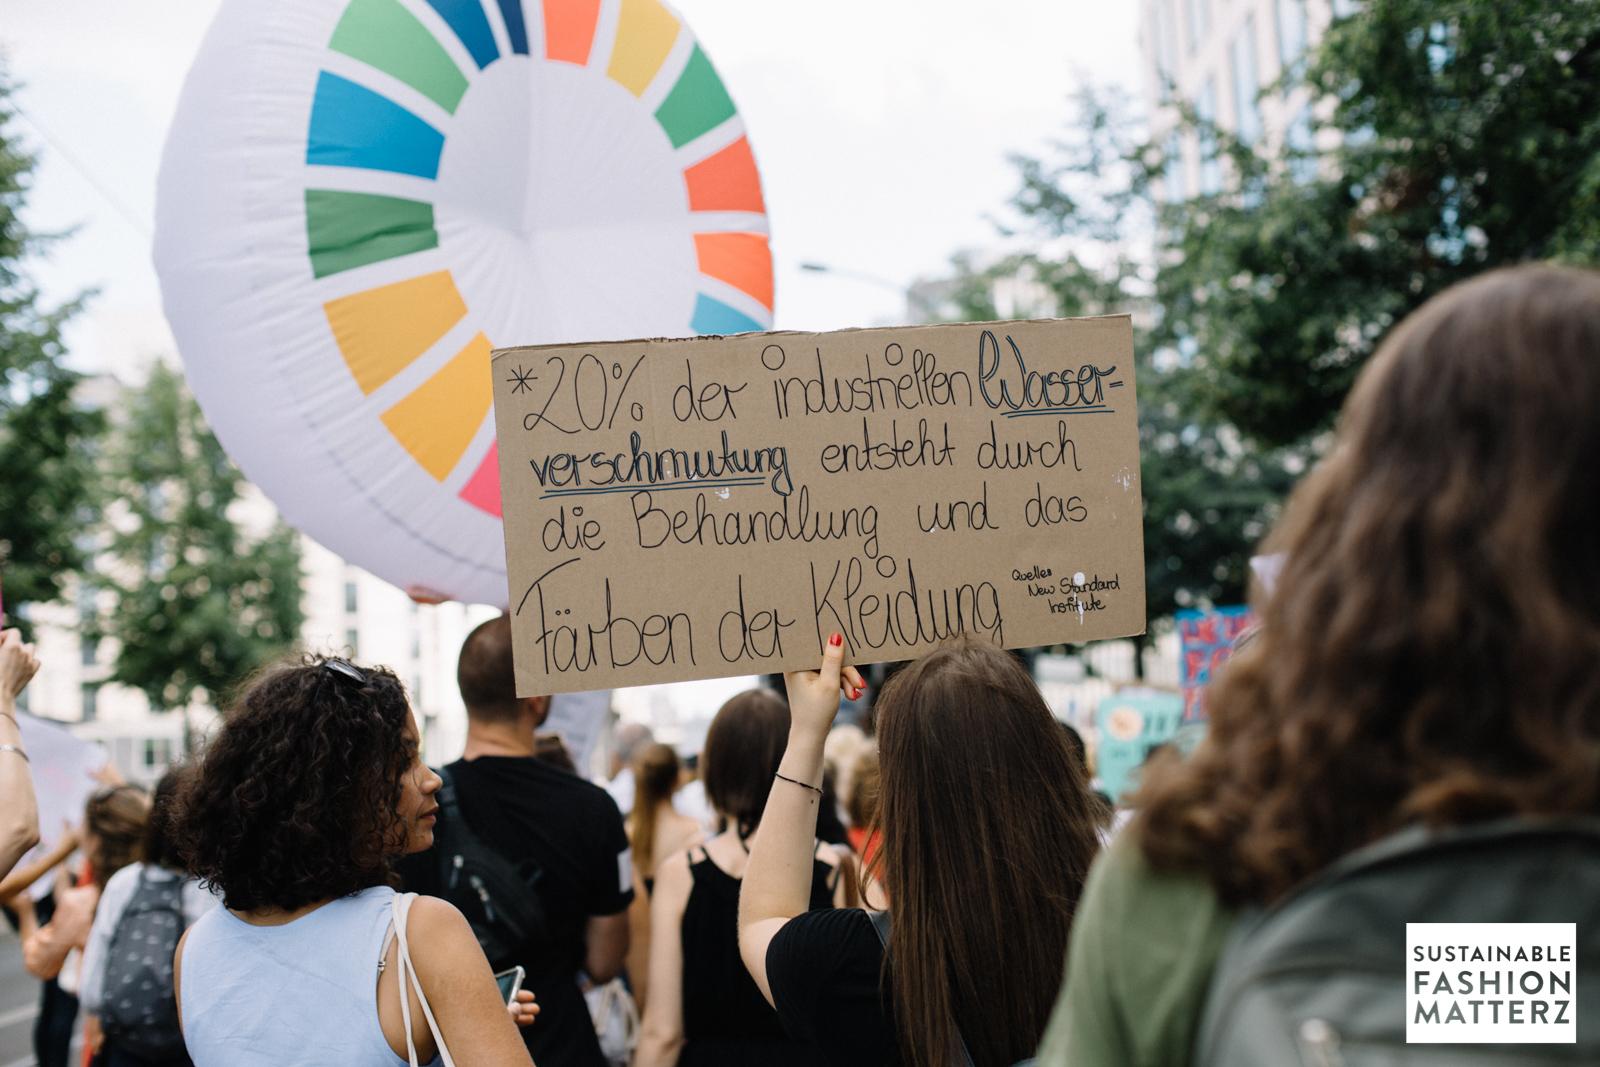 fashion-revolution-berlin-2019-38.jpg